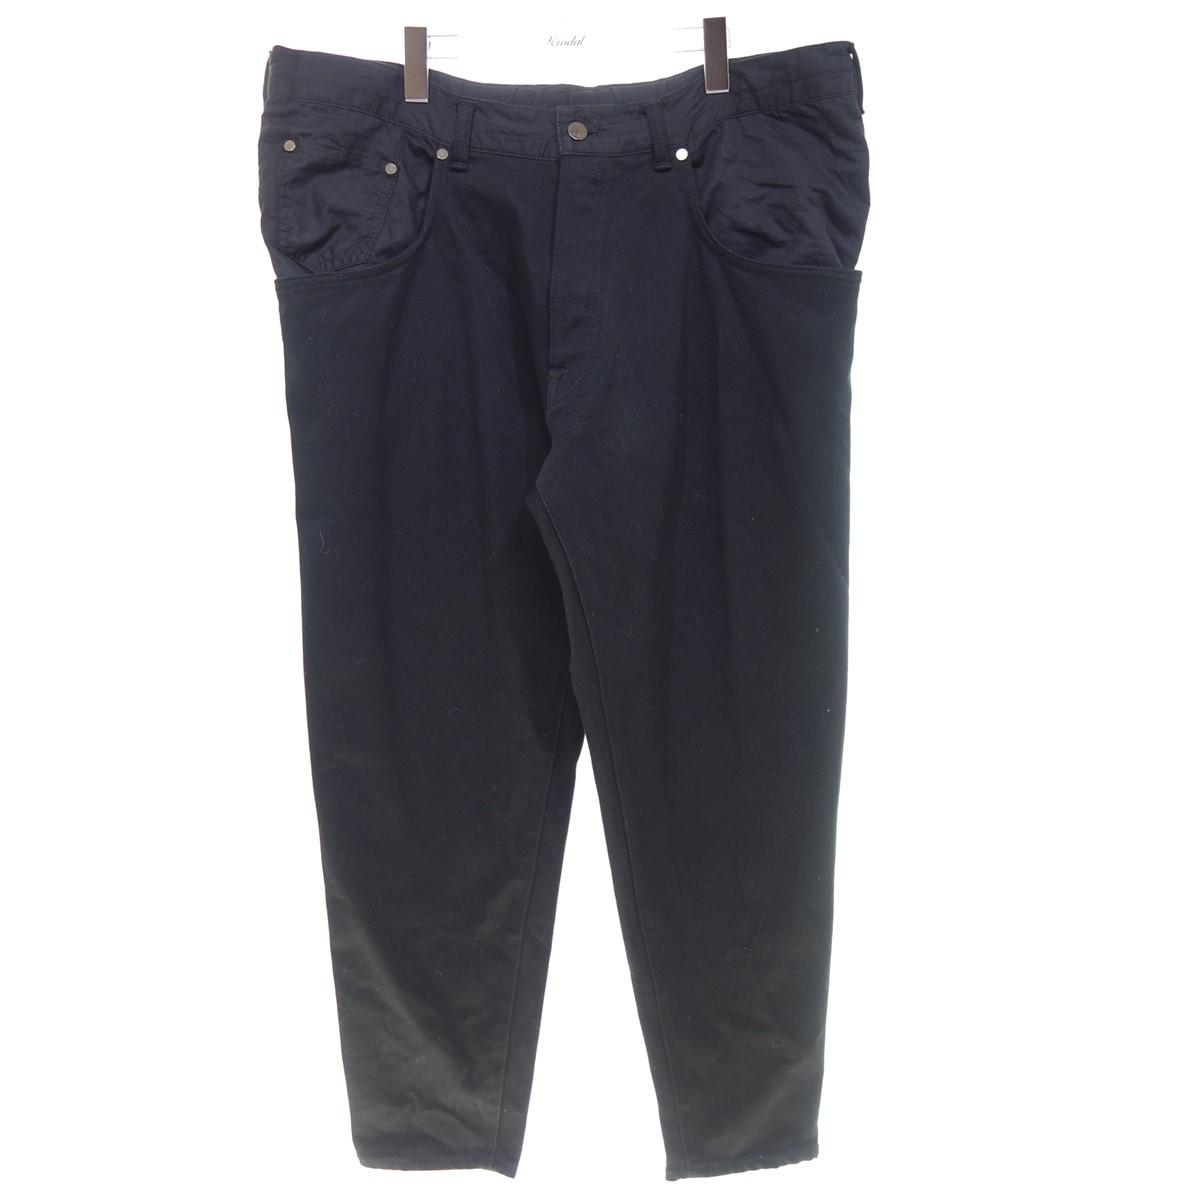 【中古】FUMITO GANRYU 【19SS】FU1-PA23 WATER RESISTANT TAPERED PANTS ブラック サイズ:2 【280720】(フミト ガンリュウ)